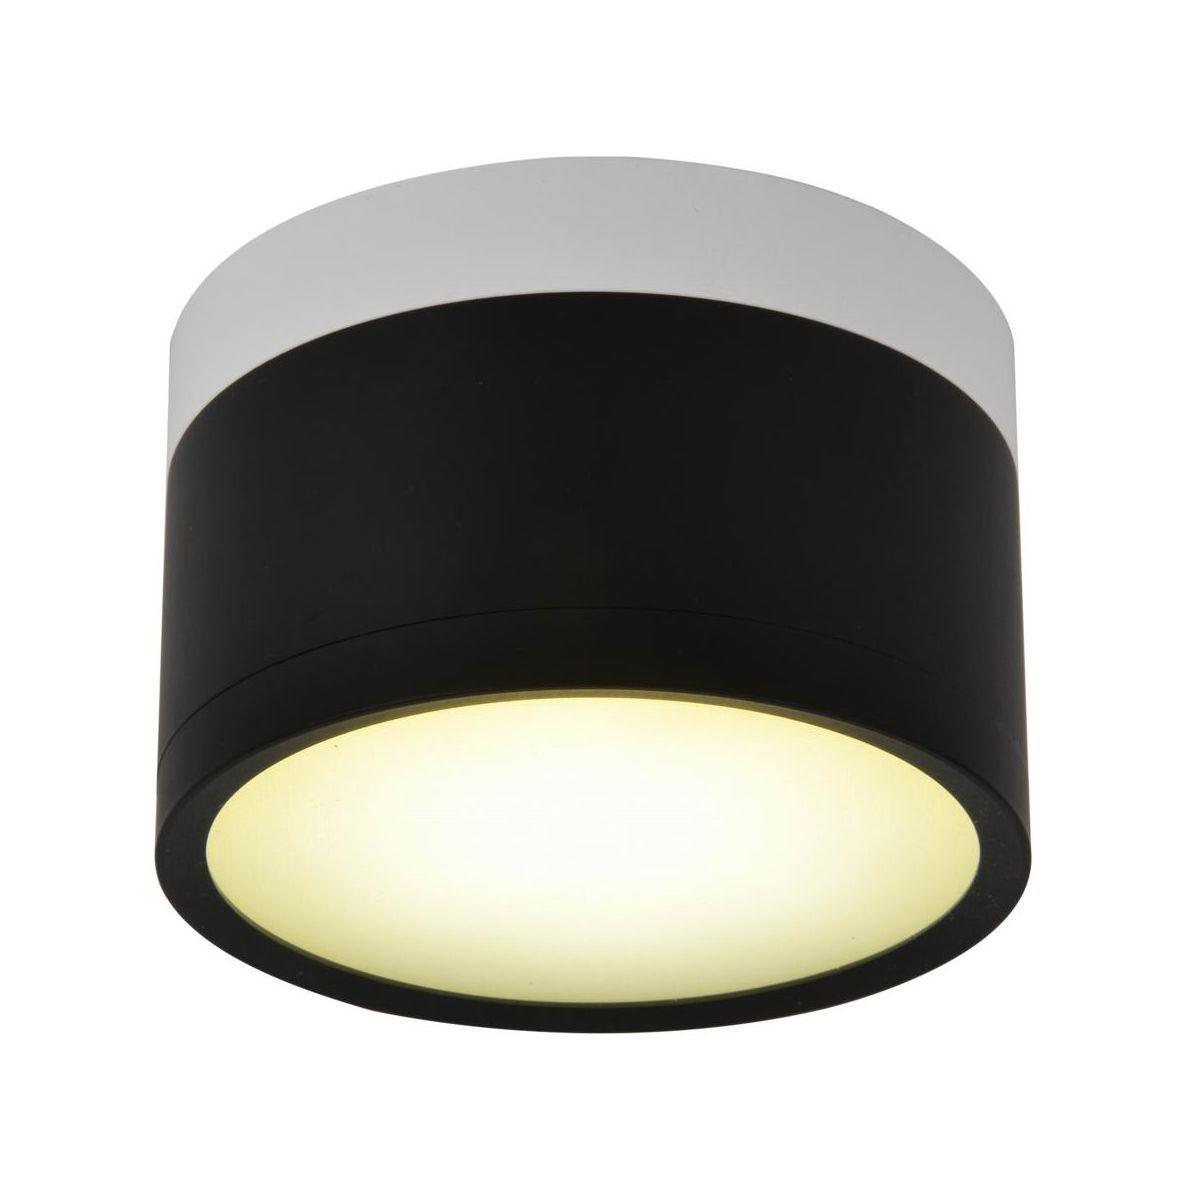 Oprawa Natynkowa Tuba Ip20 Sr 8 8 Cm Czarno Biala Led Candellux Oprawy Natynkowe W Atrakcyjnej Cenie W Sklepach Leroy Merl Wall Lights Ceiling Lights Lamp